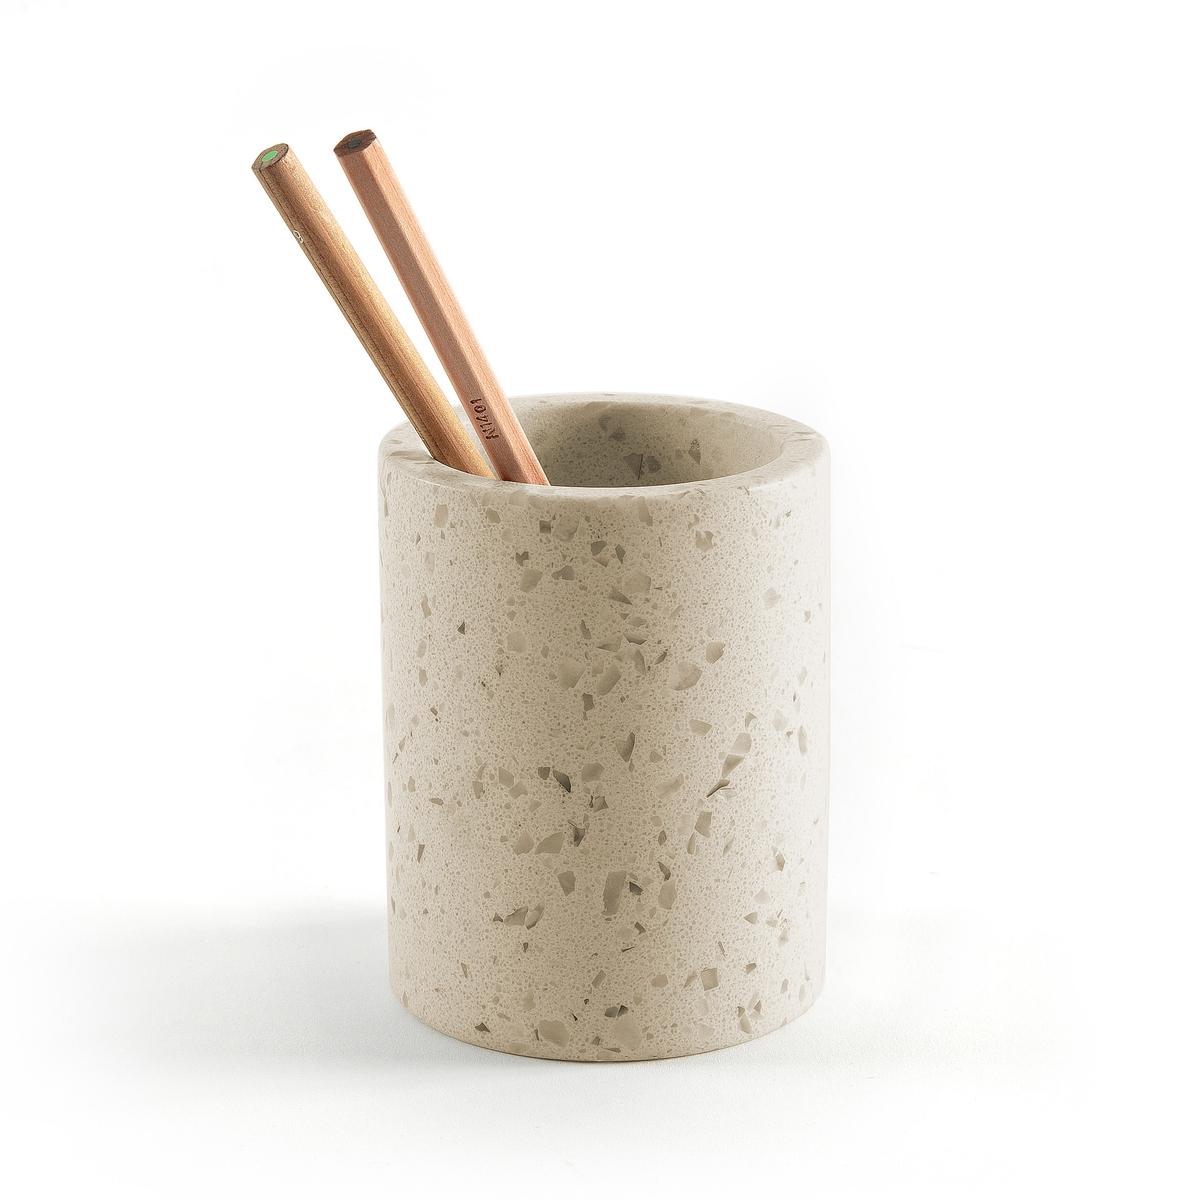 Горшок из бетона с мраморной крошкой, TerzettoГоршок Terzetto. Может использоваться в качестве декора или для практичных целей на письменном столе или в ванной для размещения мелких предметов .Характеристики : - из бетона терраццо (материал,: состоящий из фрагментов натурального камня, цветного мрамора и цемента)Размеры : - ?10 x H15 см<br><br>Цвет: разноцветный